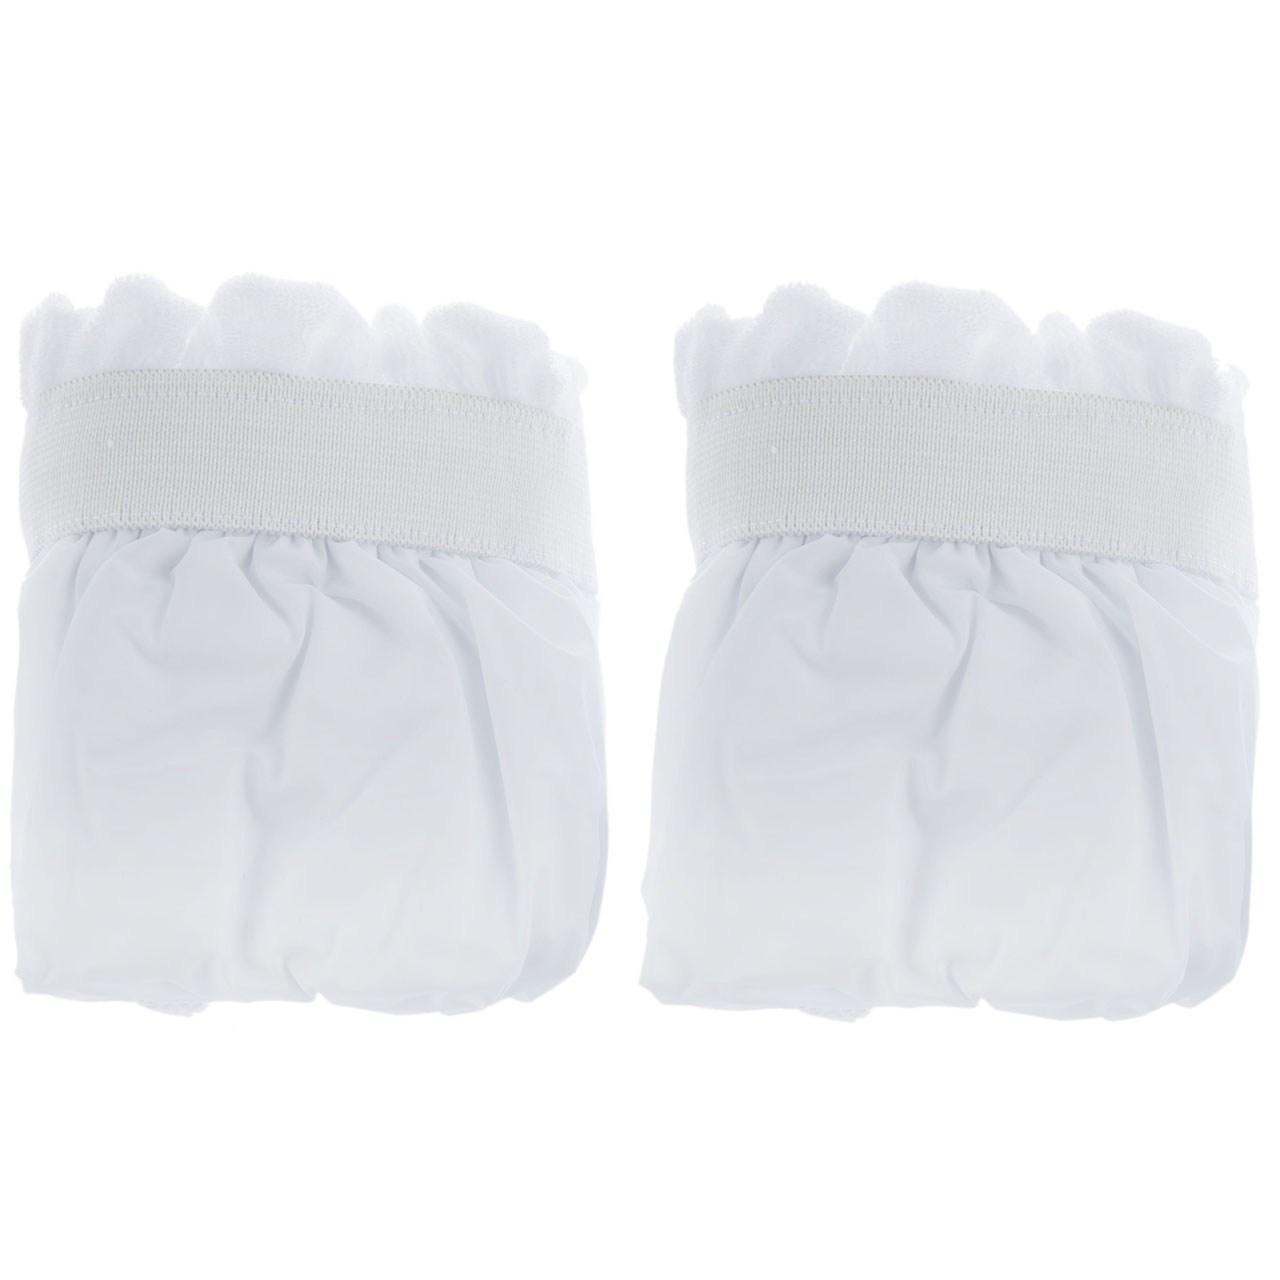 شورت آموزشی بیبی جم مدل Lux Training Pants مناسب برای سنین 2 سال